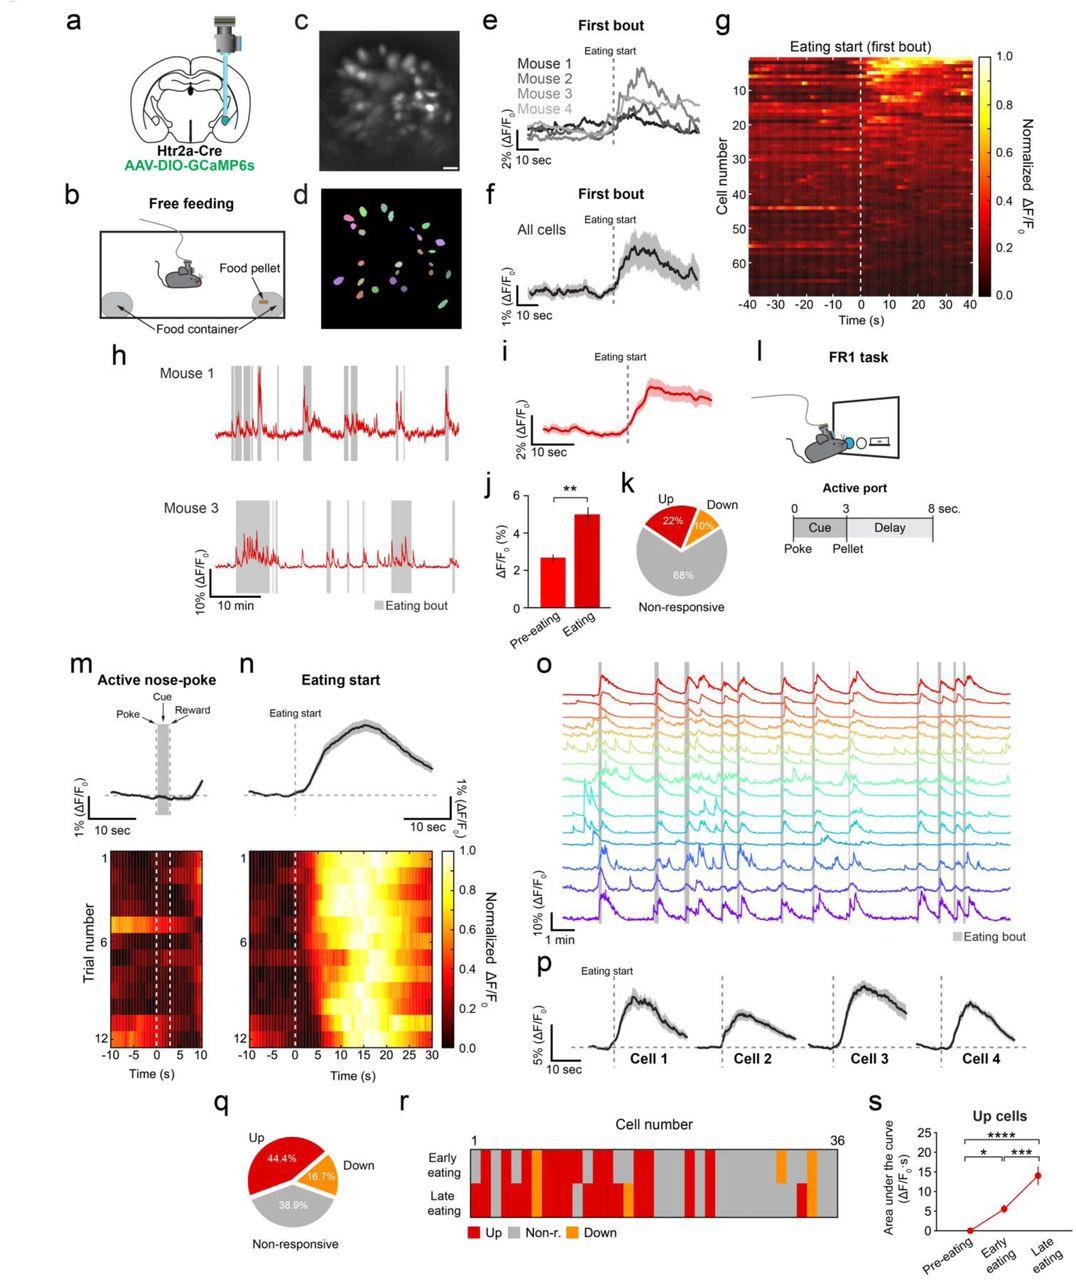 Central amygdala circuits modulate food consumption through a